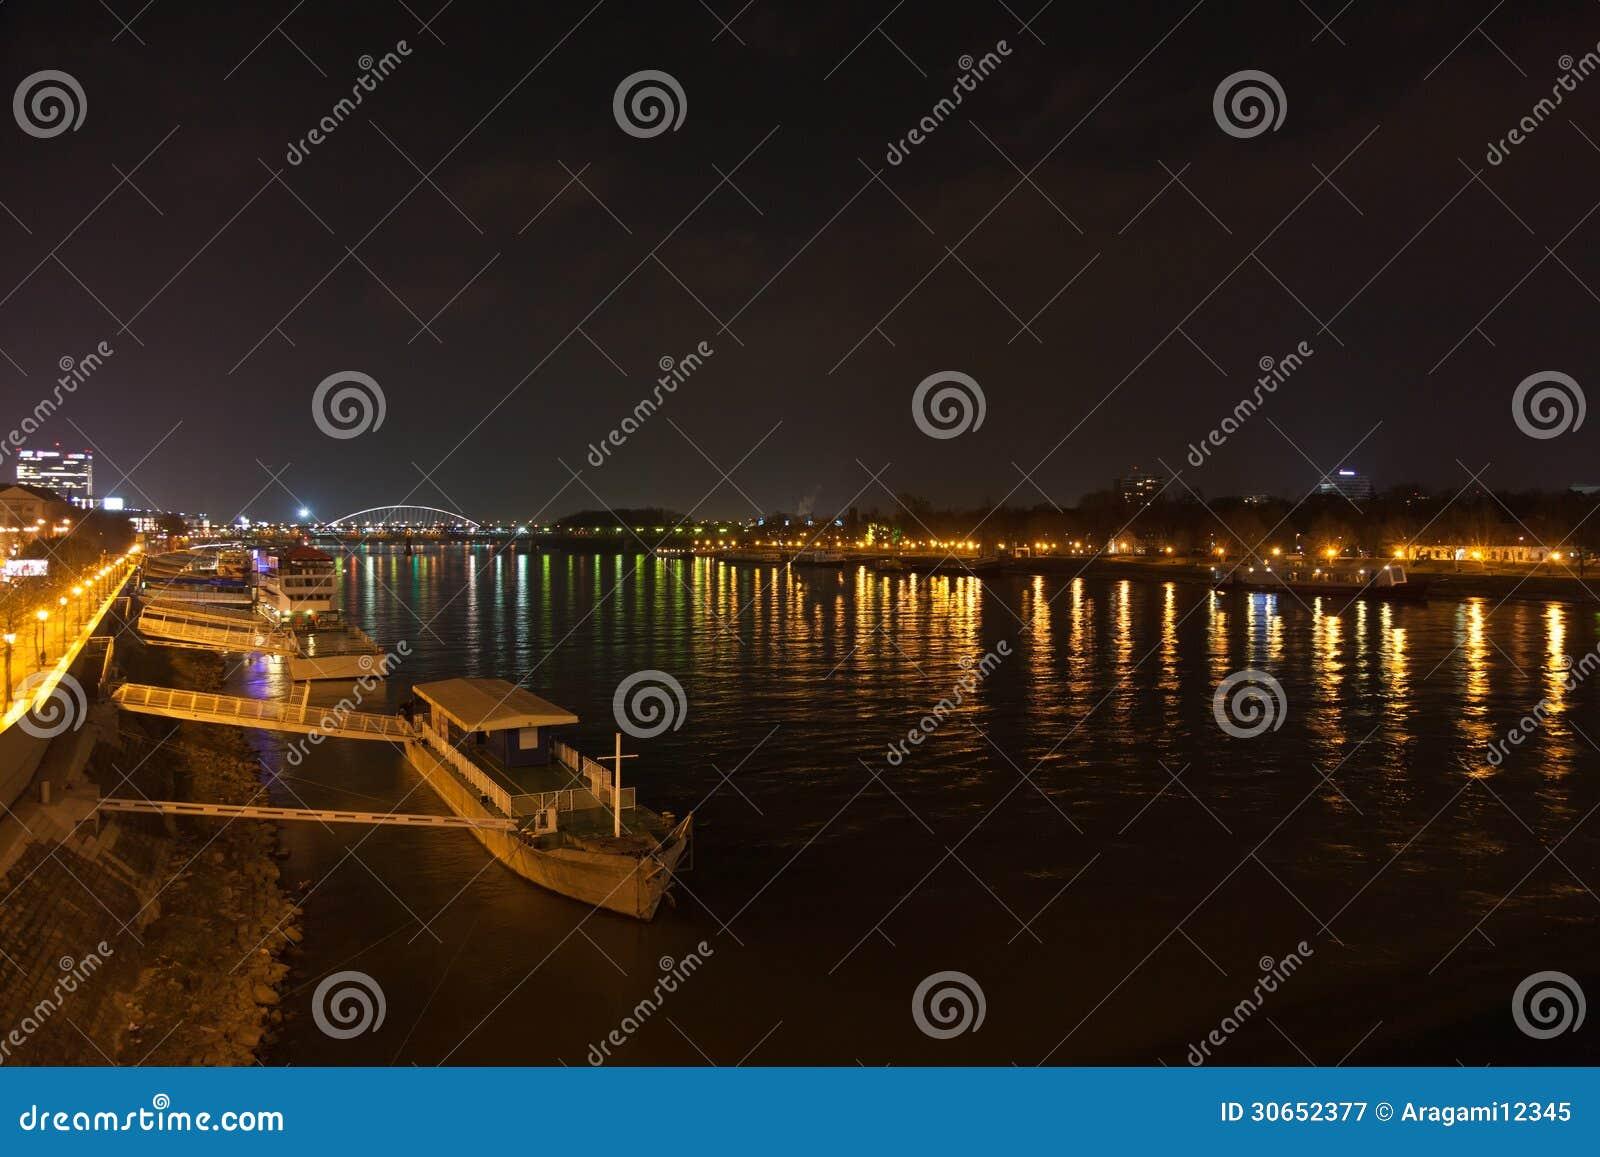 Lastkahn und Nacht beleuchtet auf dem Dunai-Fluss